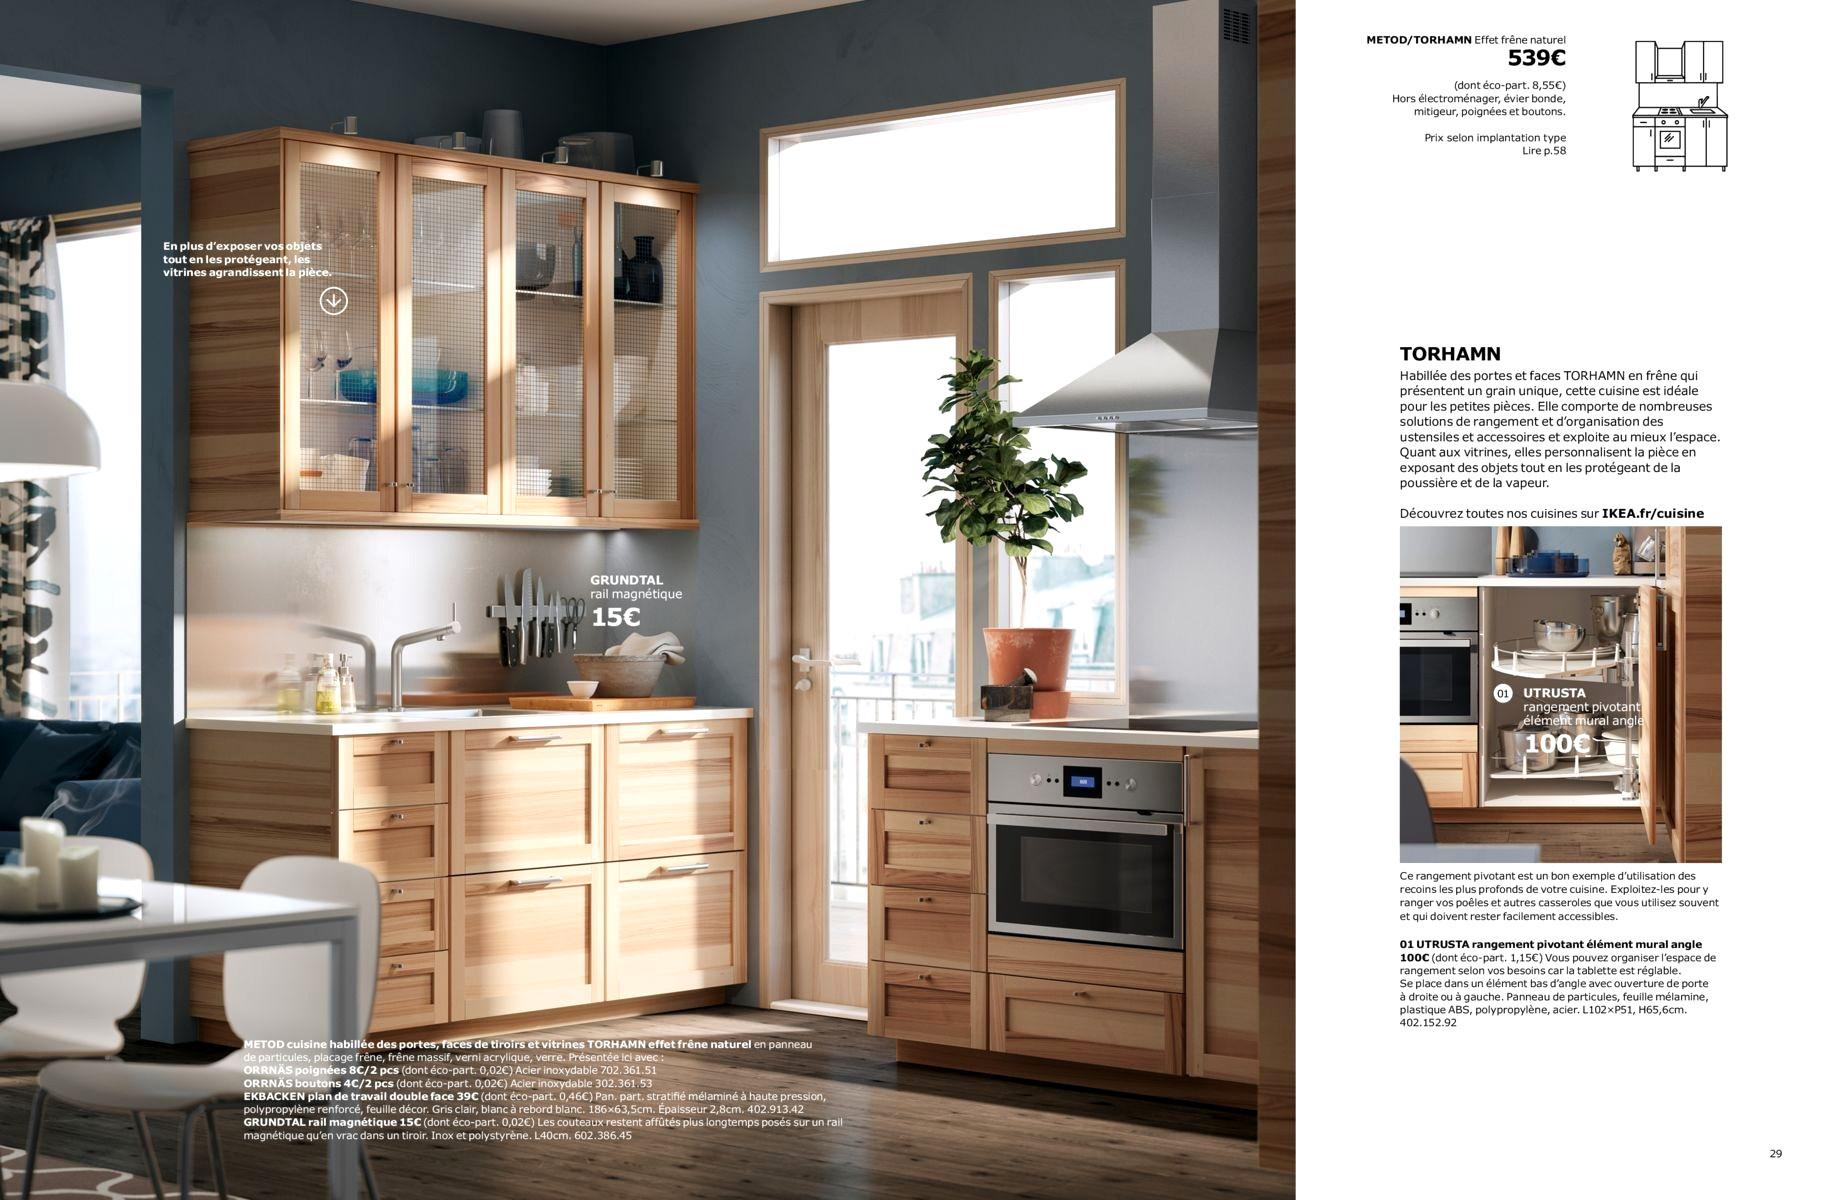 Meuble haut verre ikea veranda - Ikea meuble cuisine ...